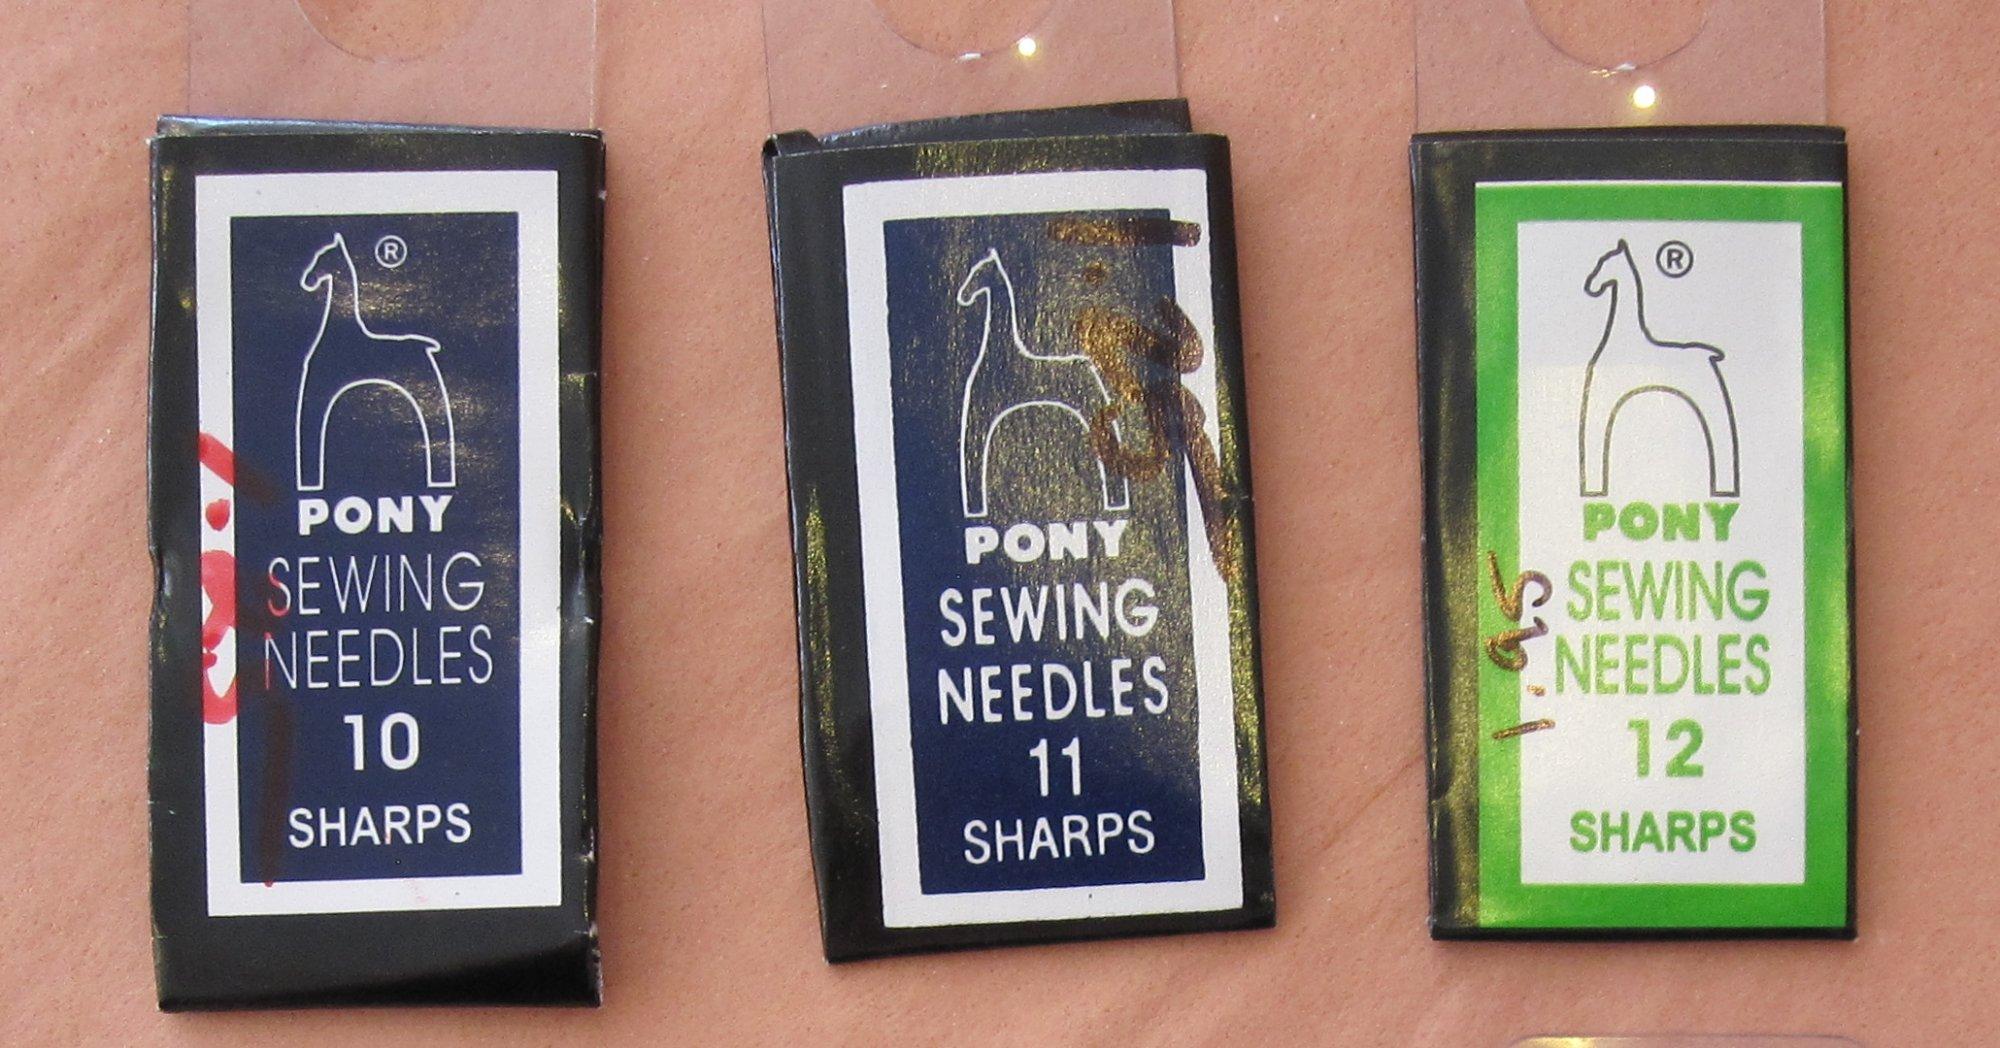 Pony Needles - Sharps